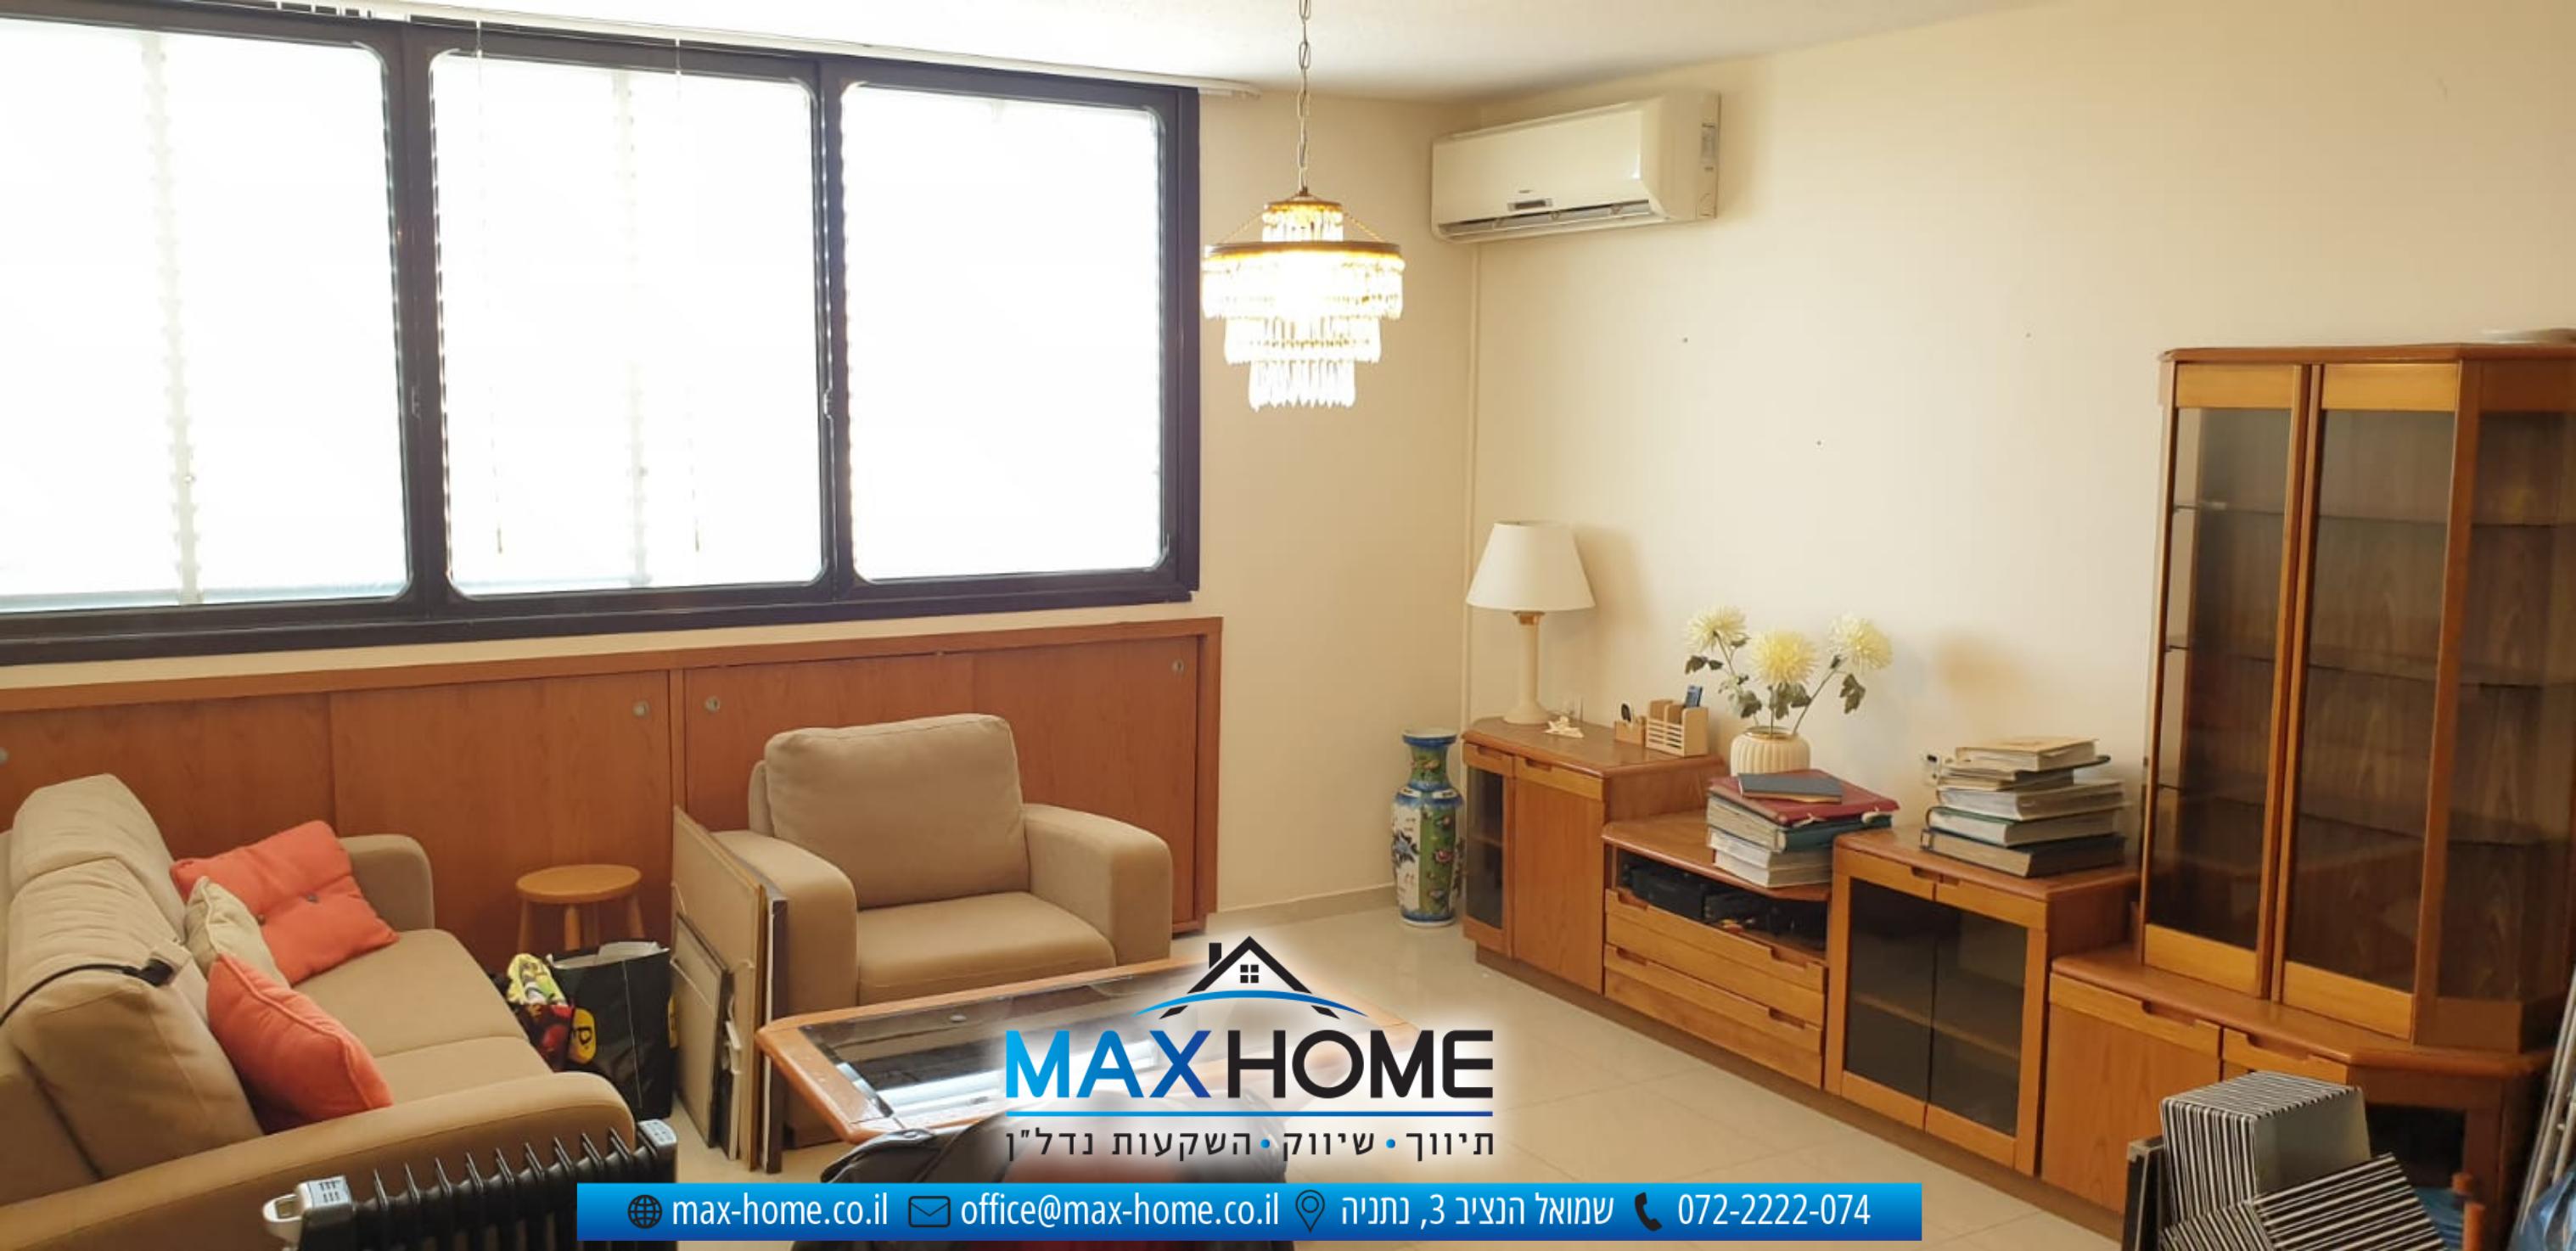 מגניב ביותר דירות למכירה בנתניה | דירות למכירה בנתניה | בתים למכירה בשרון VX-47